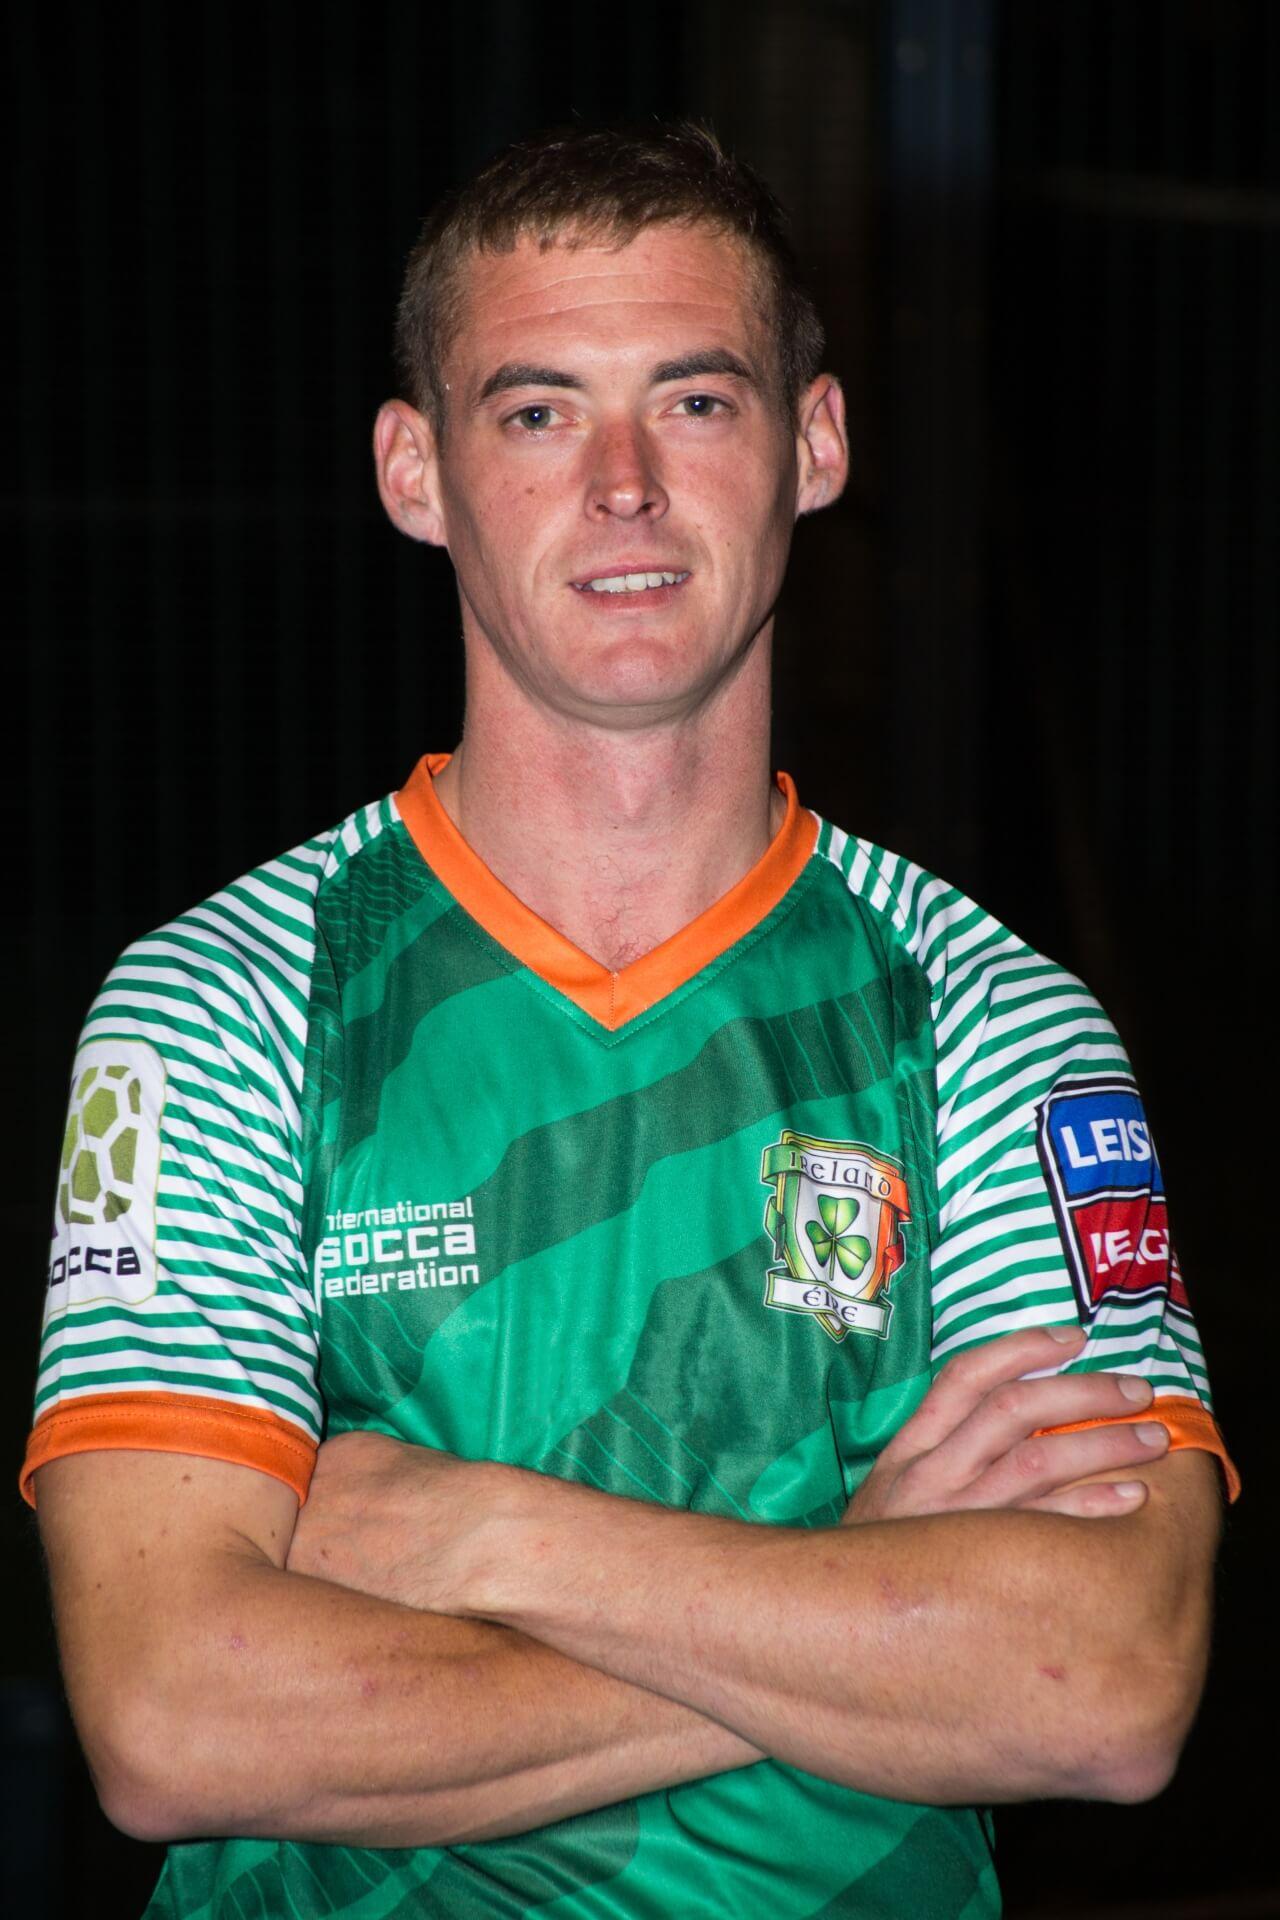 Bryan O'Mahony